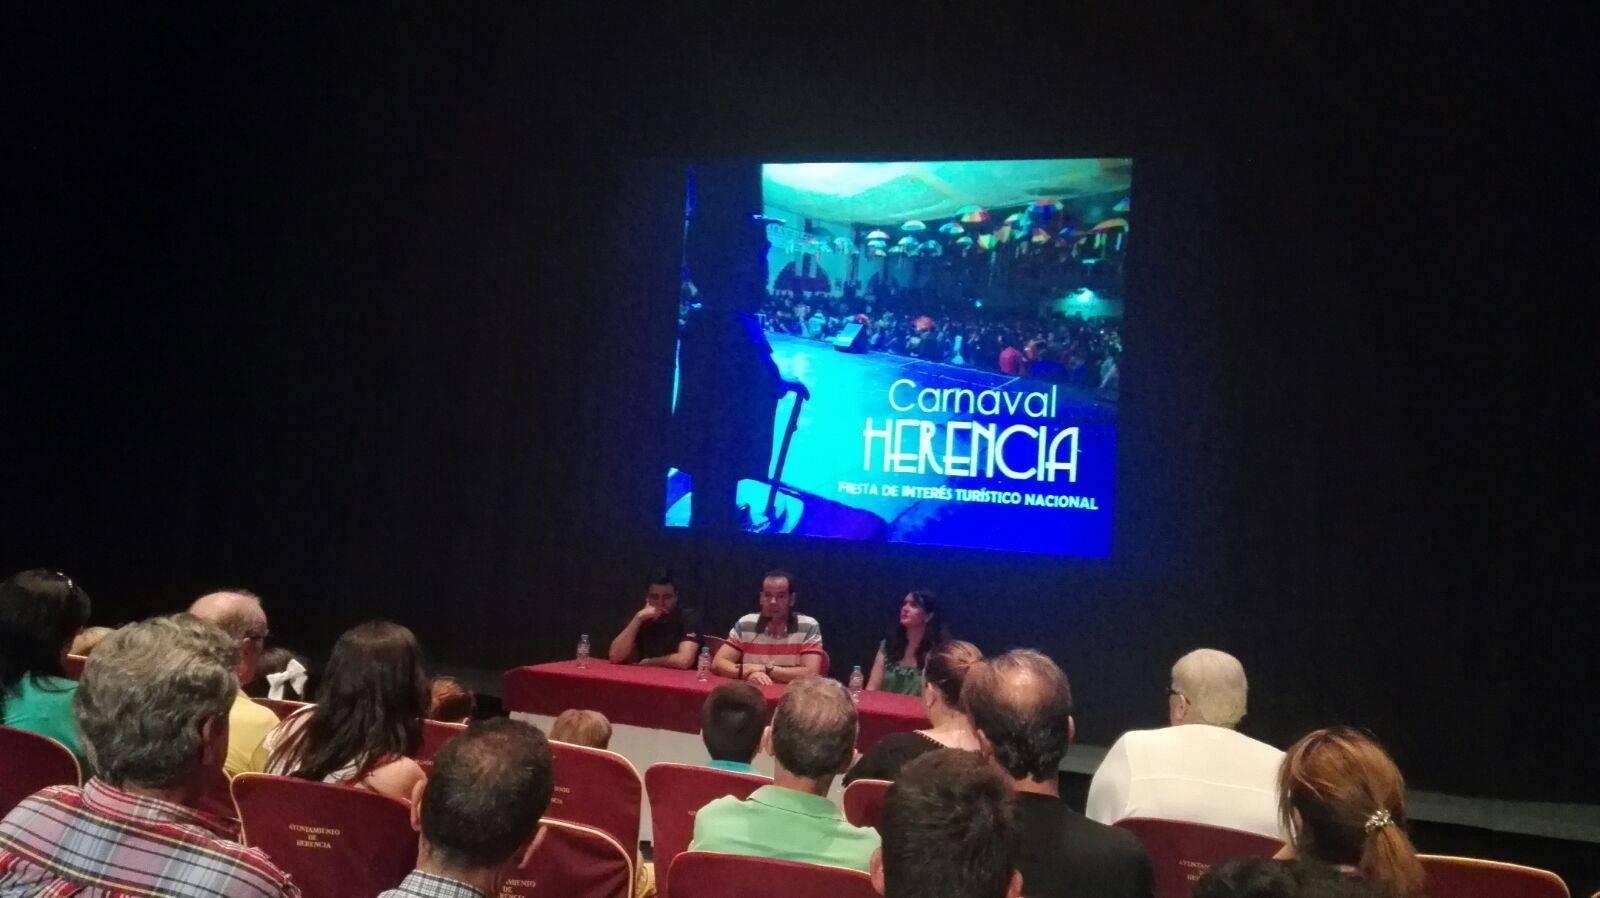 La Comisión de Carnaval de Herencia habla de la Declaración de Interés Turístico Nacional 7